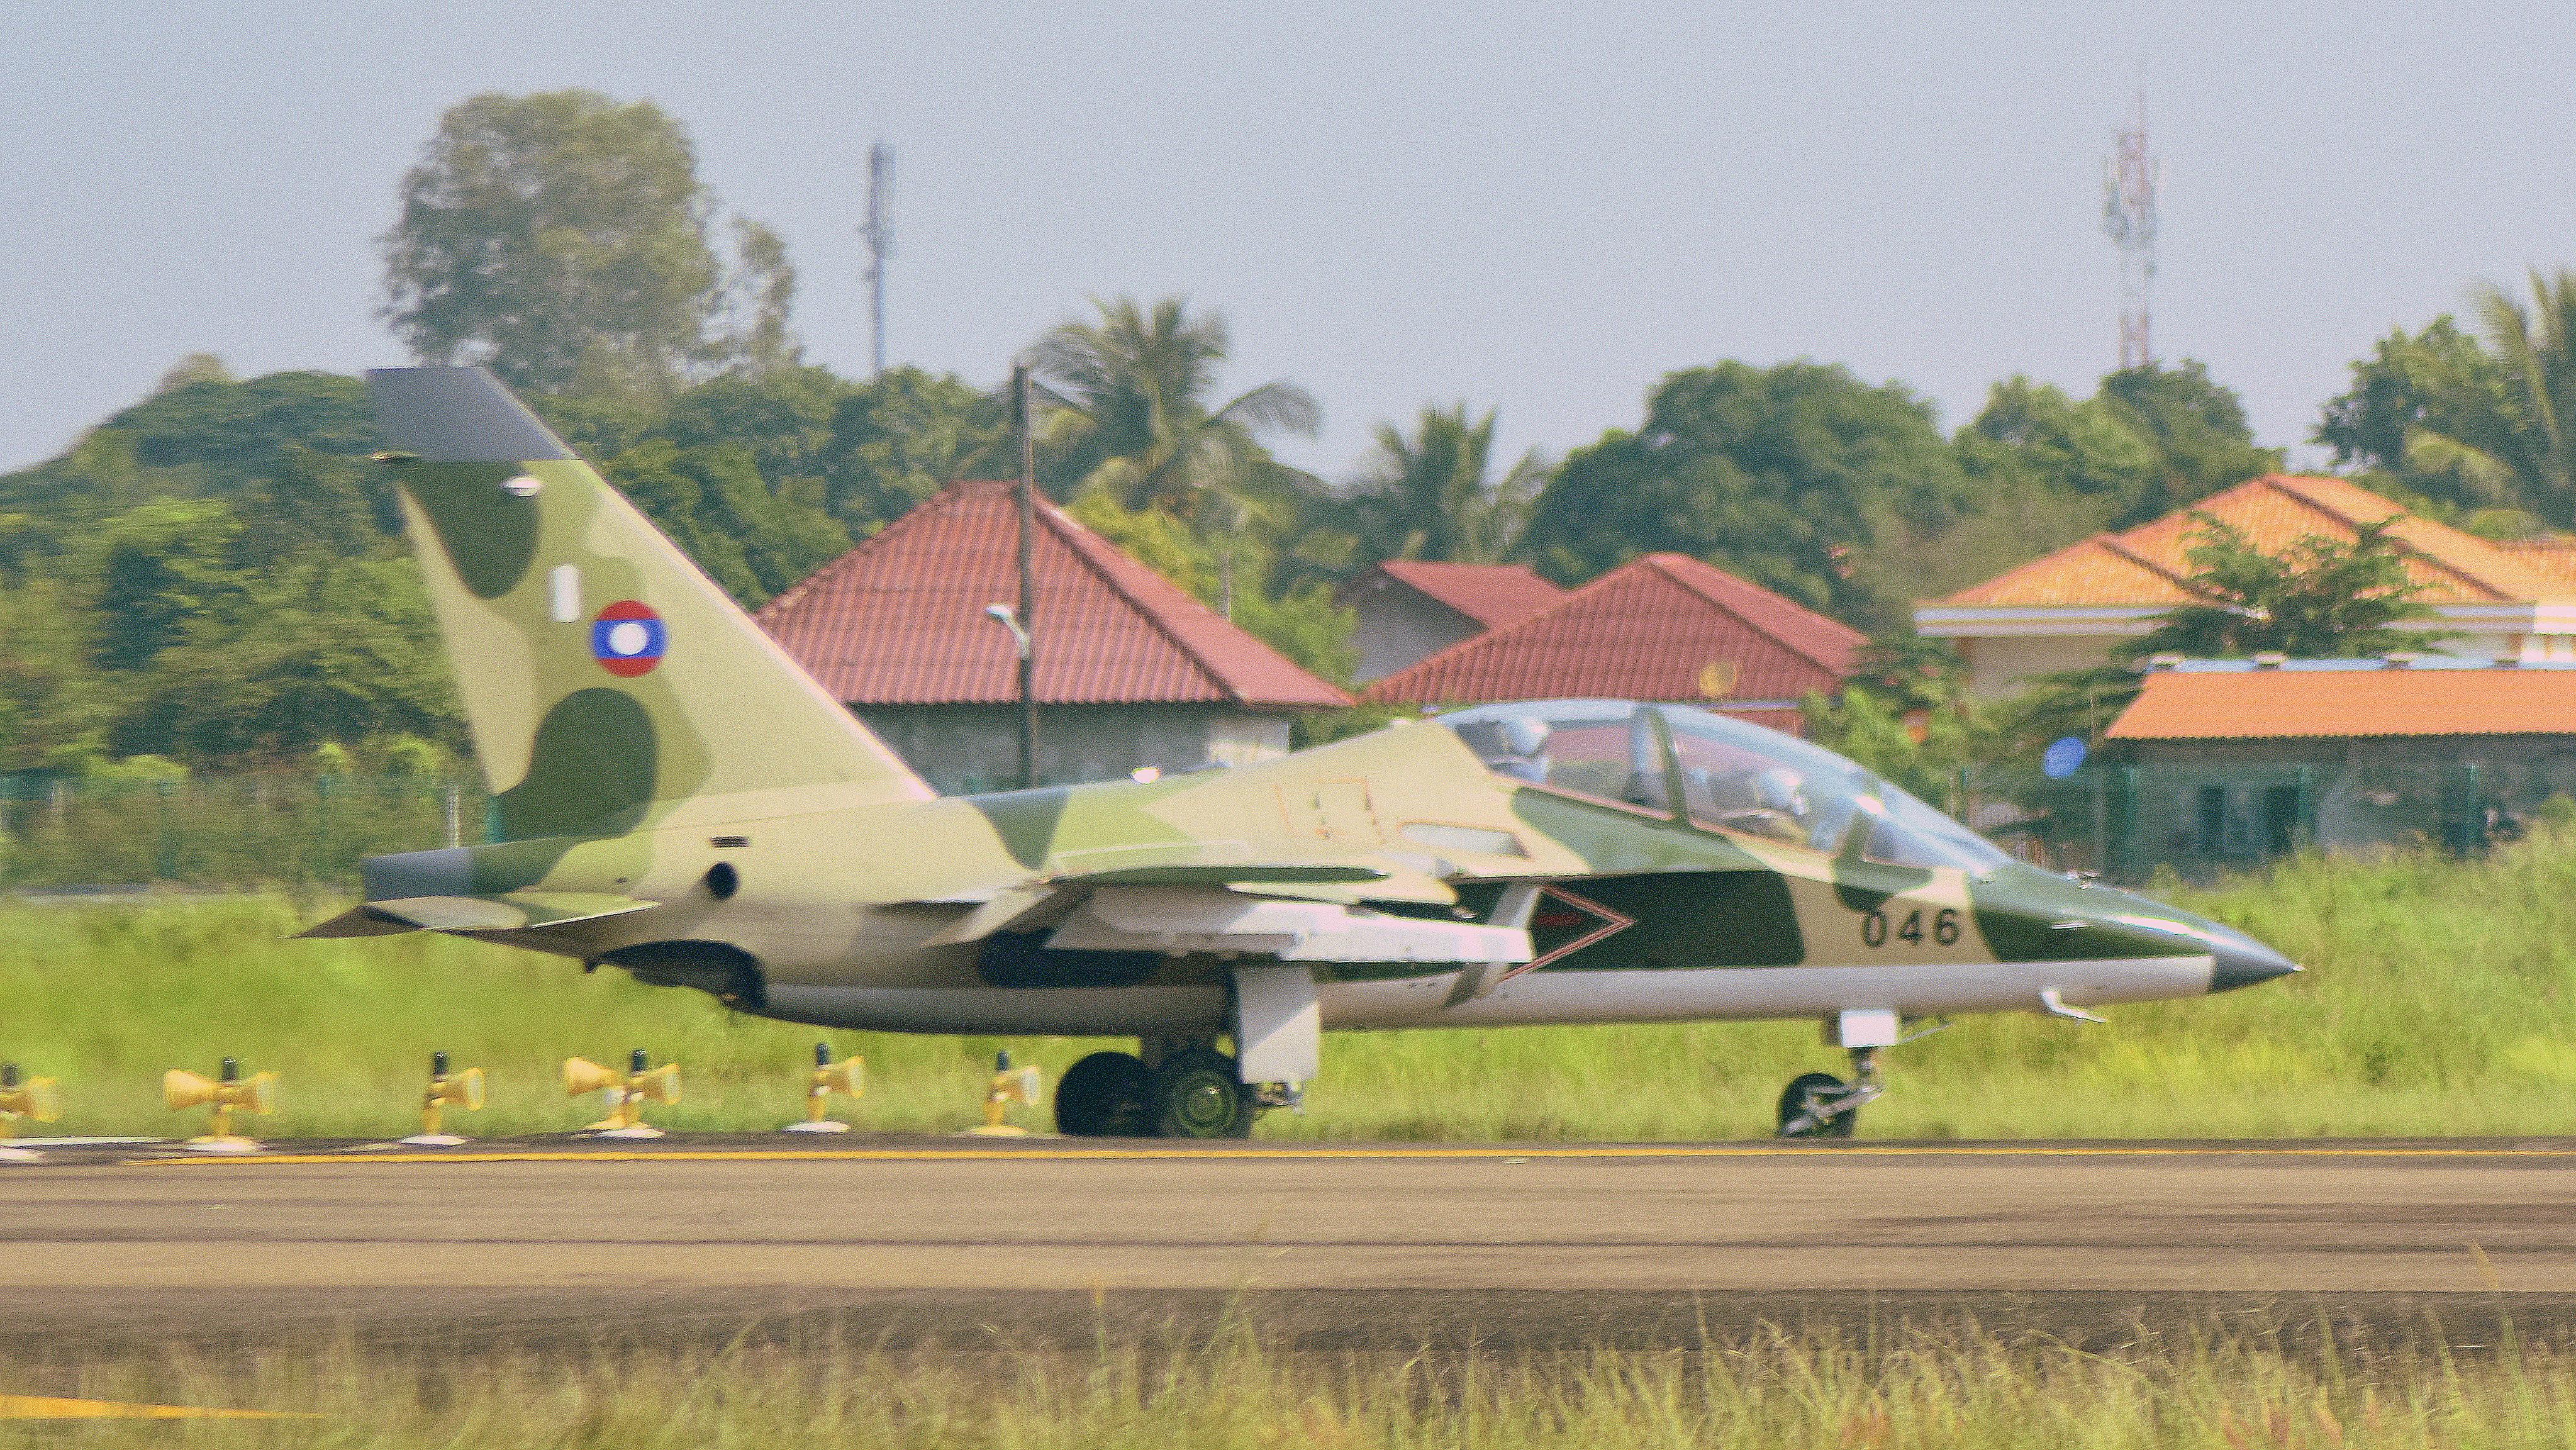 L'Armée populaire lao / forces armées du Laos 49197956181_b060e649f8_4k